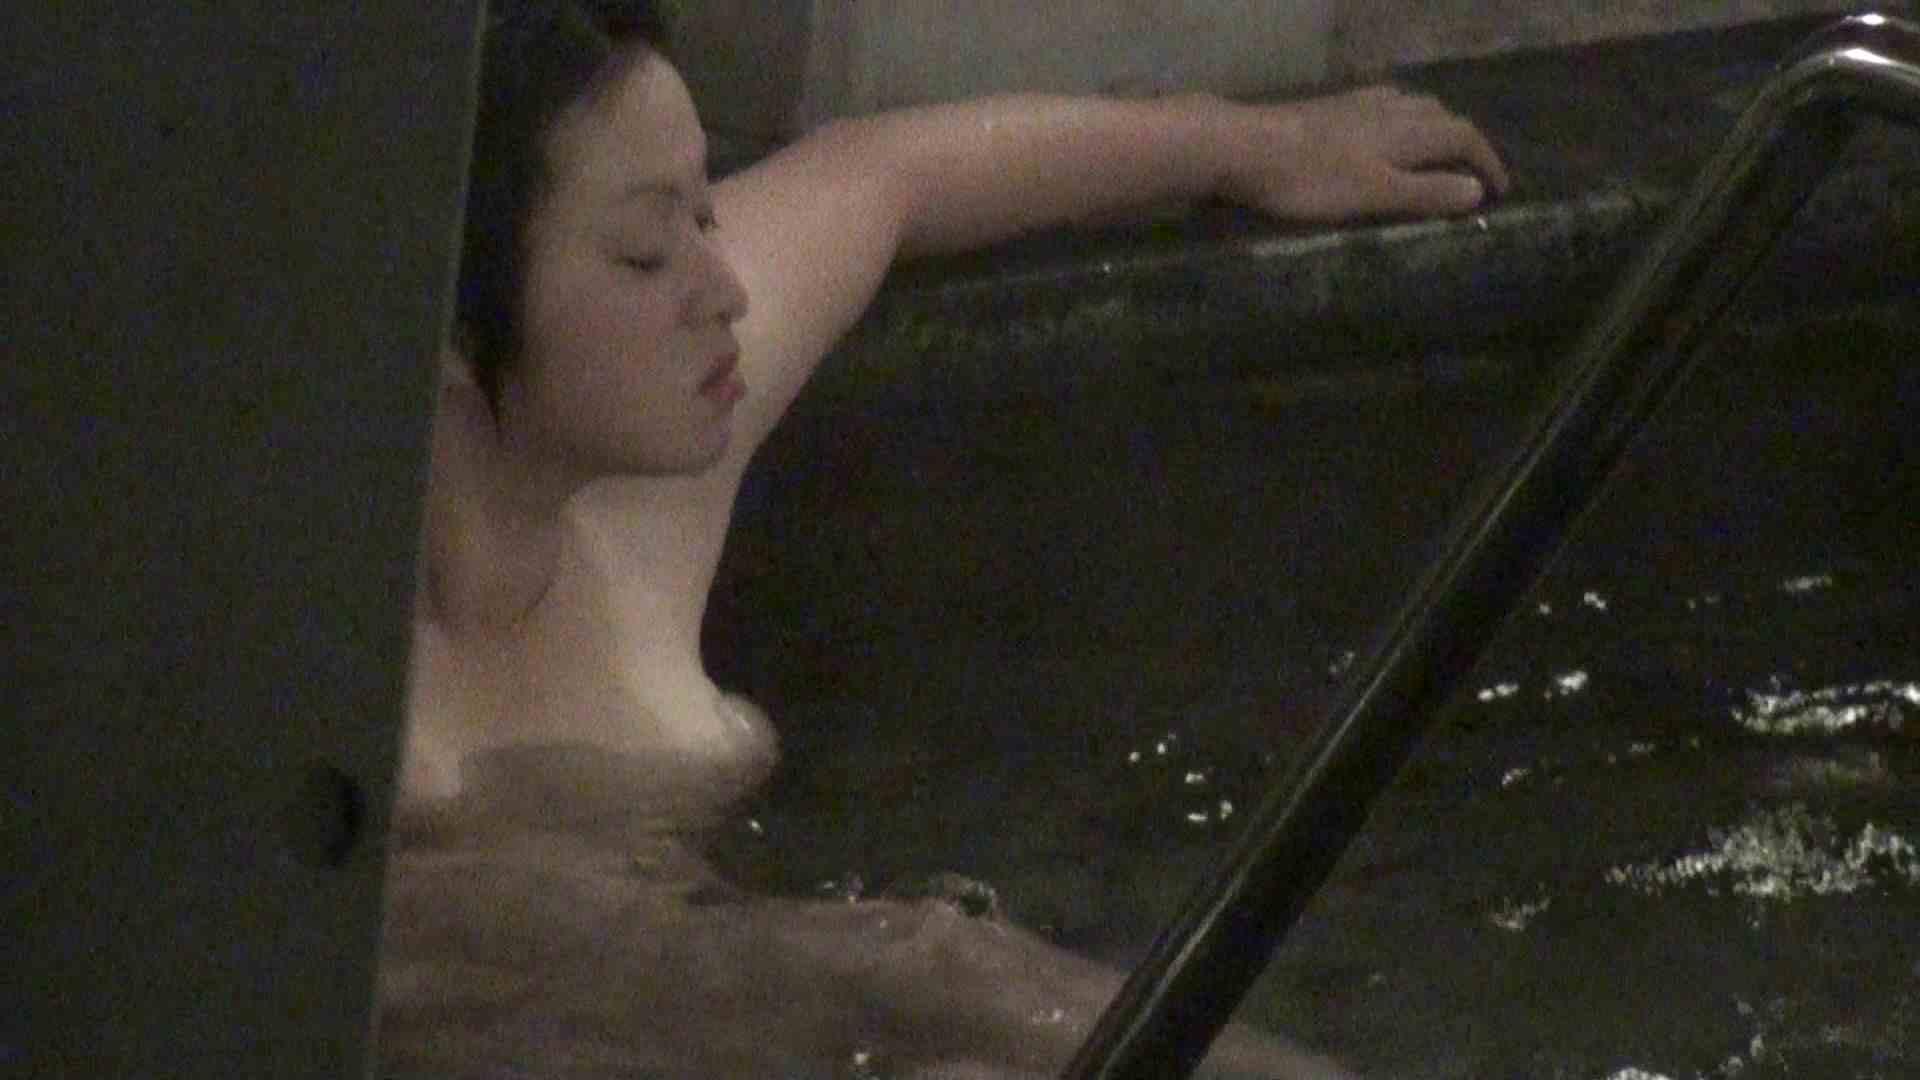 Aquaな露天風呂Vol.338 0   0  101pic 46